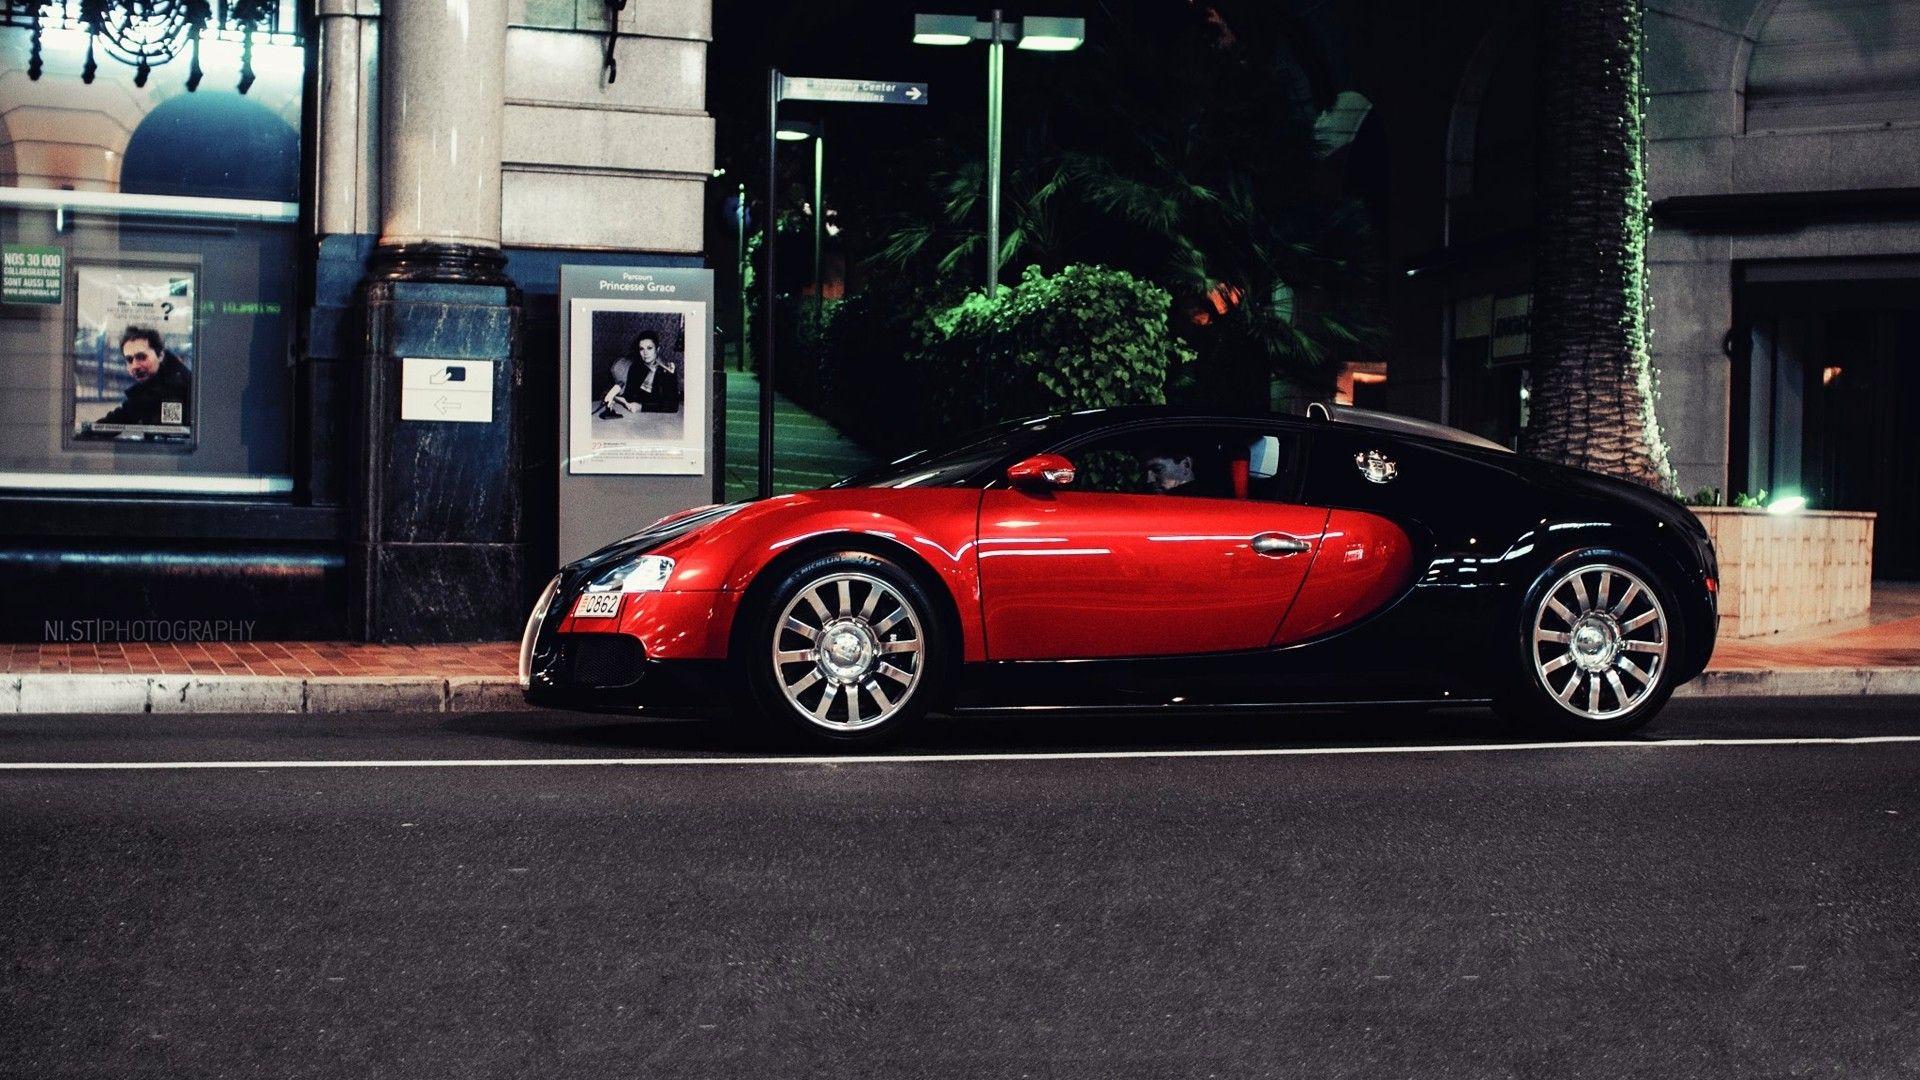 29dda81cef791406142ed5ac39a08bdd Breathtaking Bugatti Veyron Black Bess Price Cars Trend